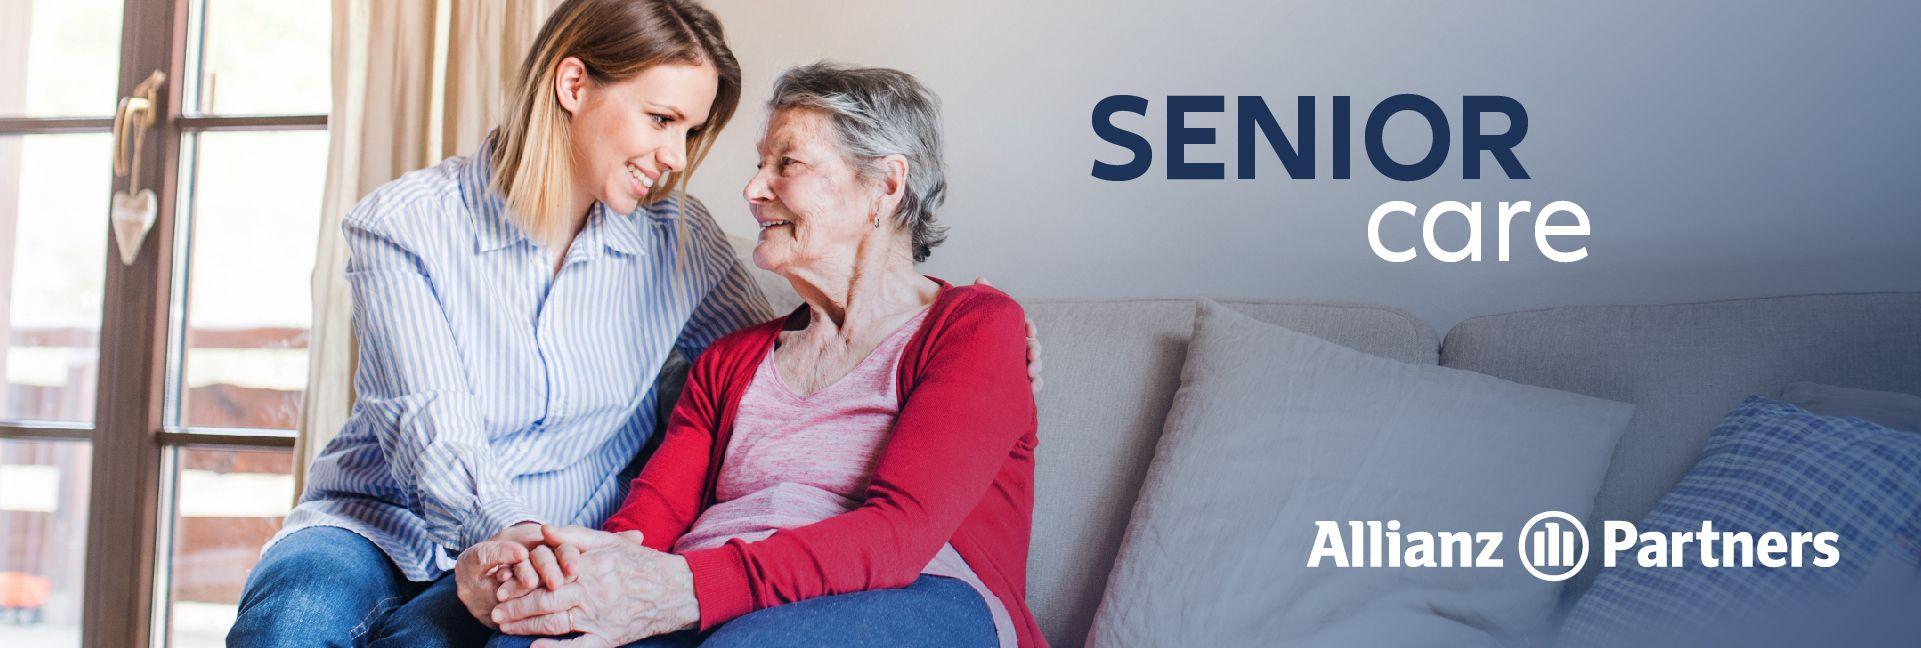 ?Senior Care?, una nueva asistencia digital a medida para el colectivo de mayores